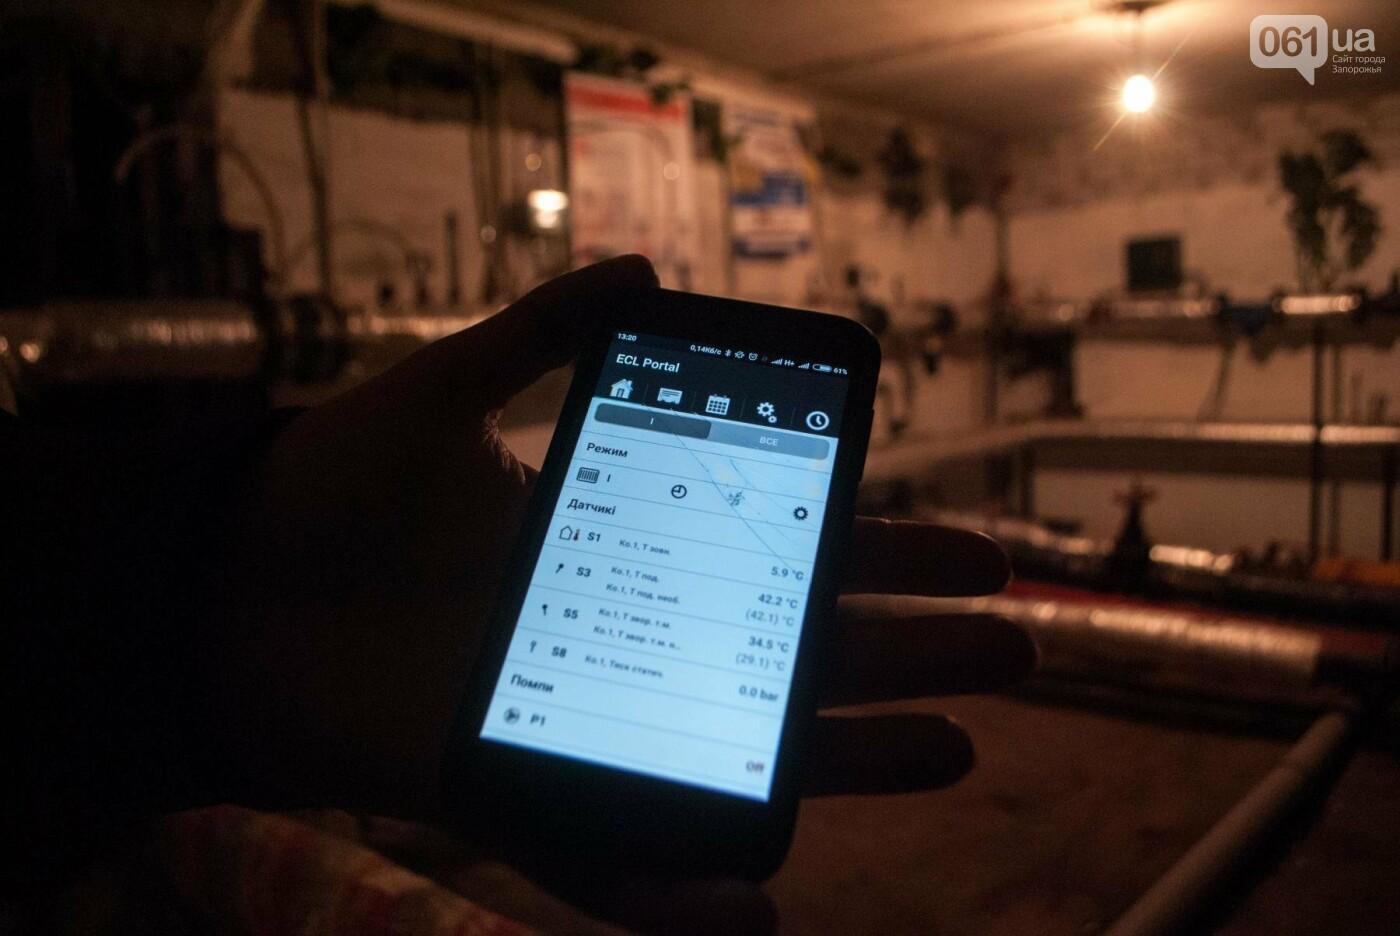 Сам себе хозяин: как запорожские ОСМД занимаются энергосбережением и значительно экономят на тарифах, — ФОТО, фото-41